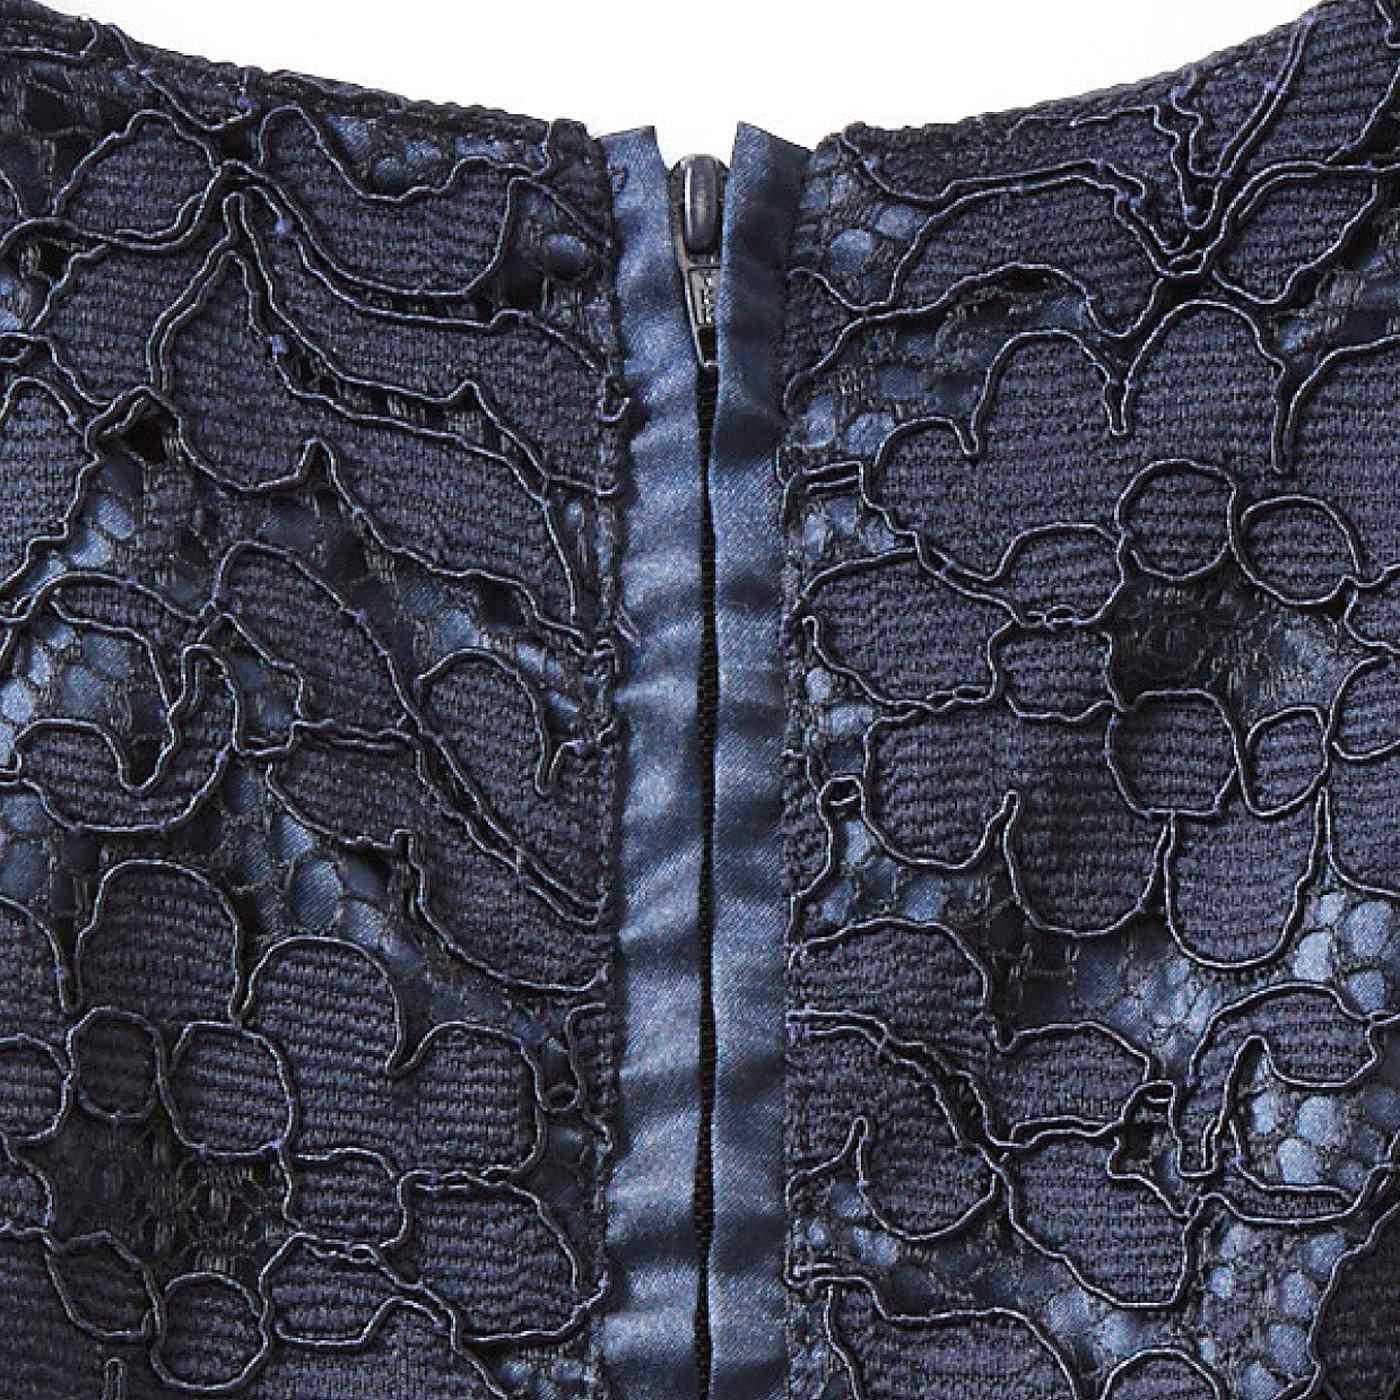 バックスタイルは、サテン遣いの印象的なファスナーが腰の下まで伸びるので着脱しやすい。